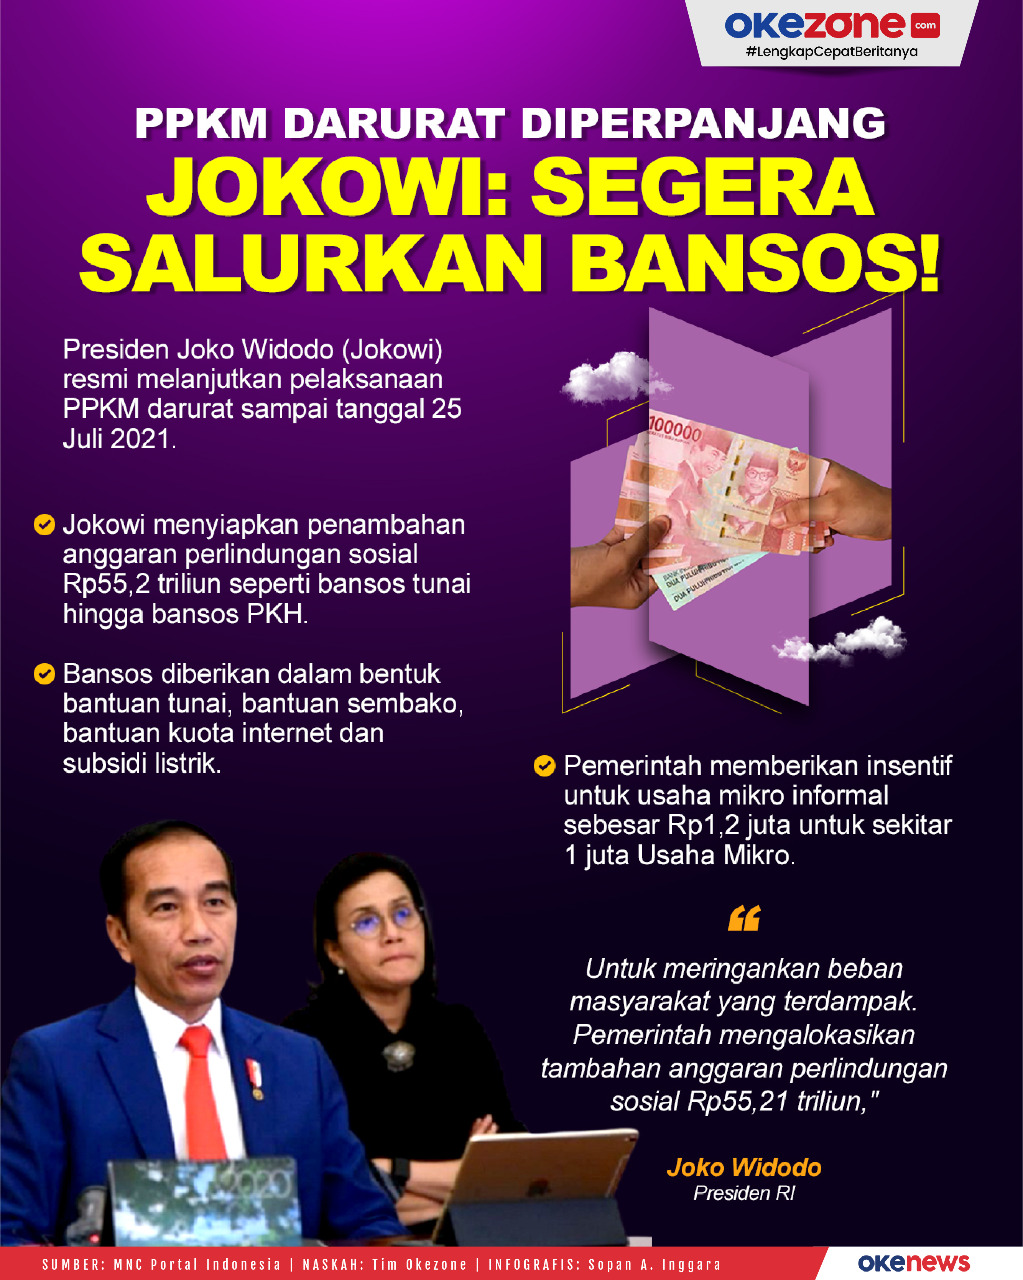 PPKM Darurat Diperpanjang, Jokowi: Segera Salurkan Bansos -